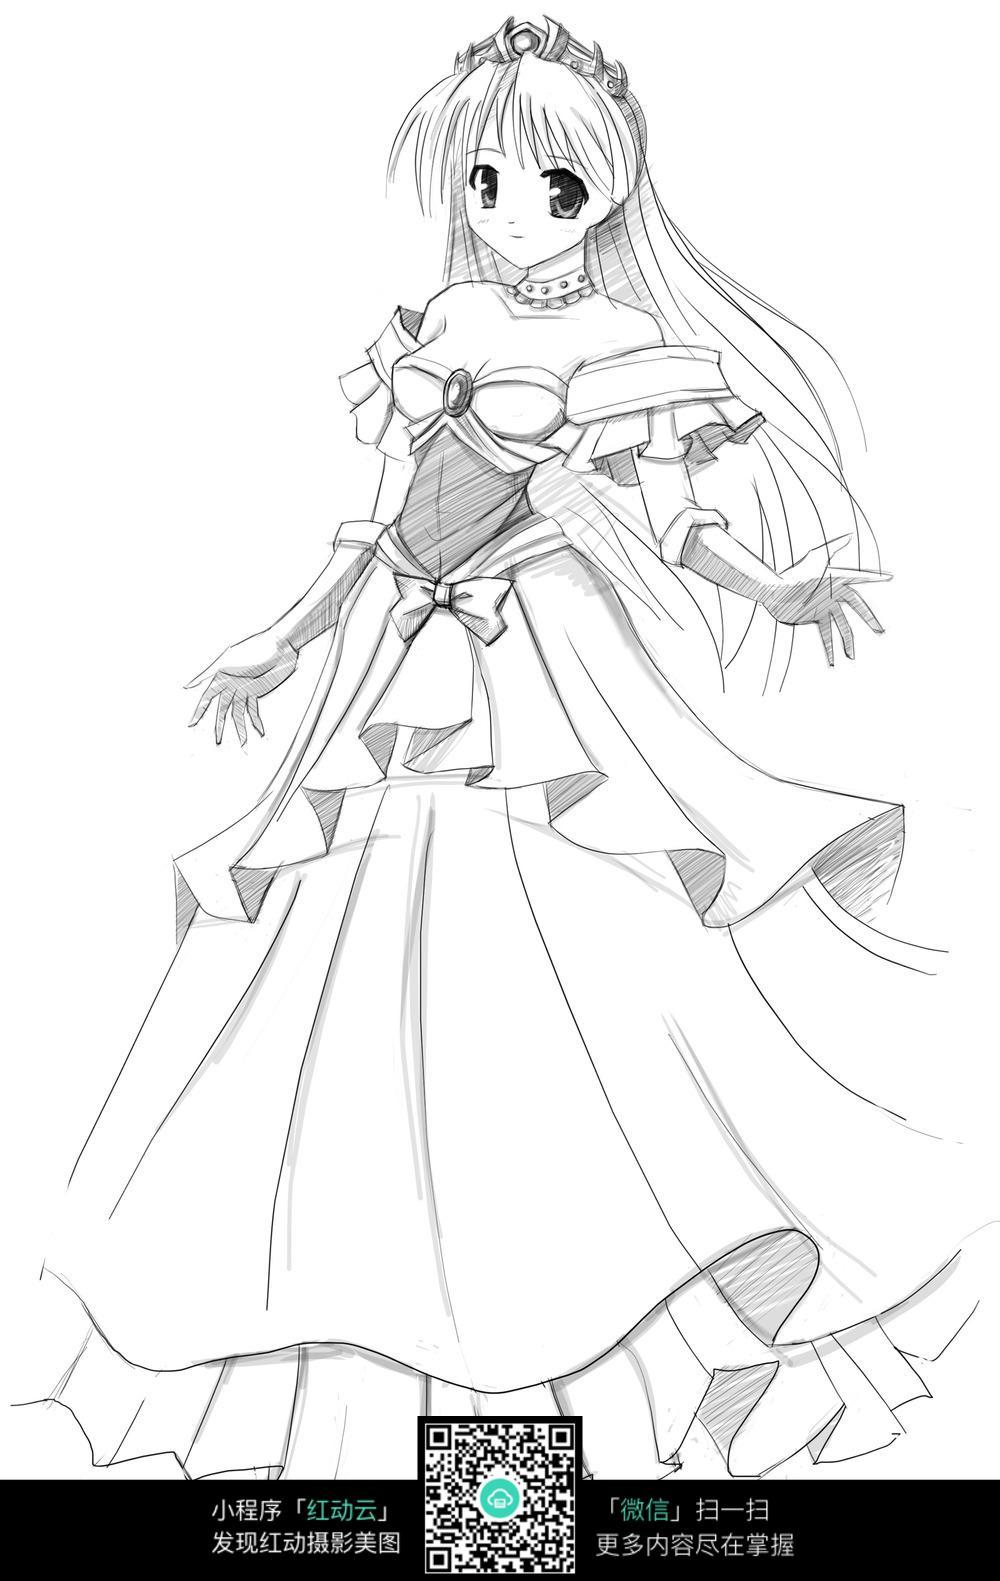 免费素材 图片素材 漫画插画 人物卡通 日本公主女孩线描  请您分享